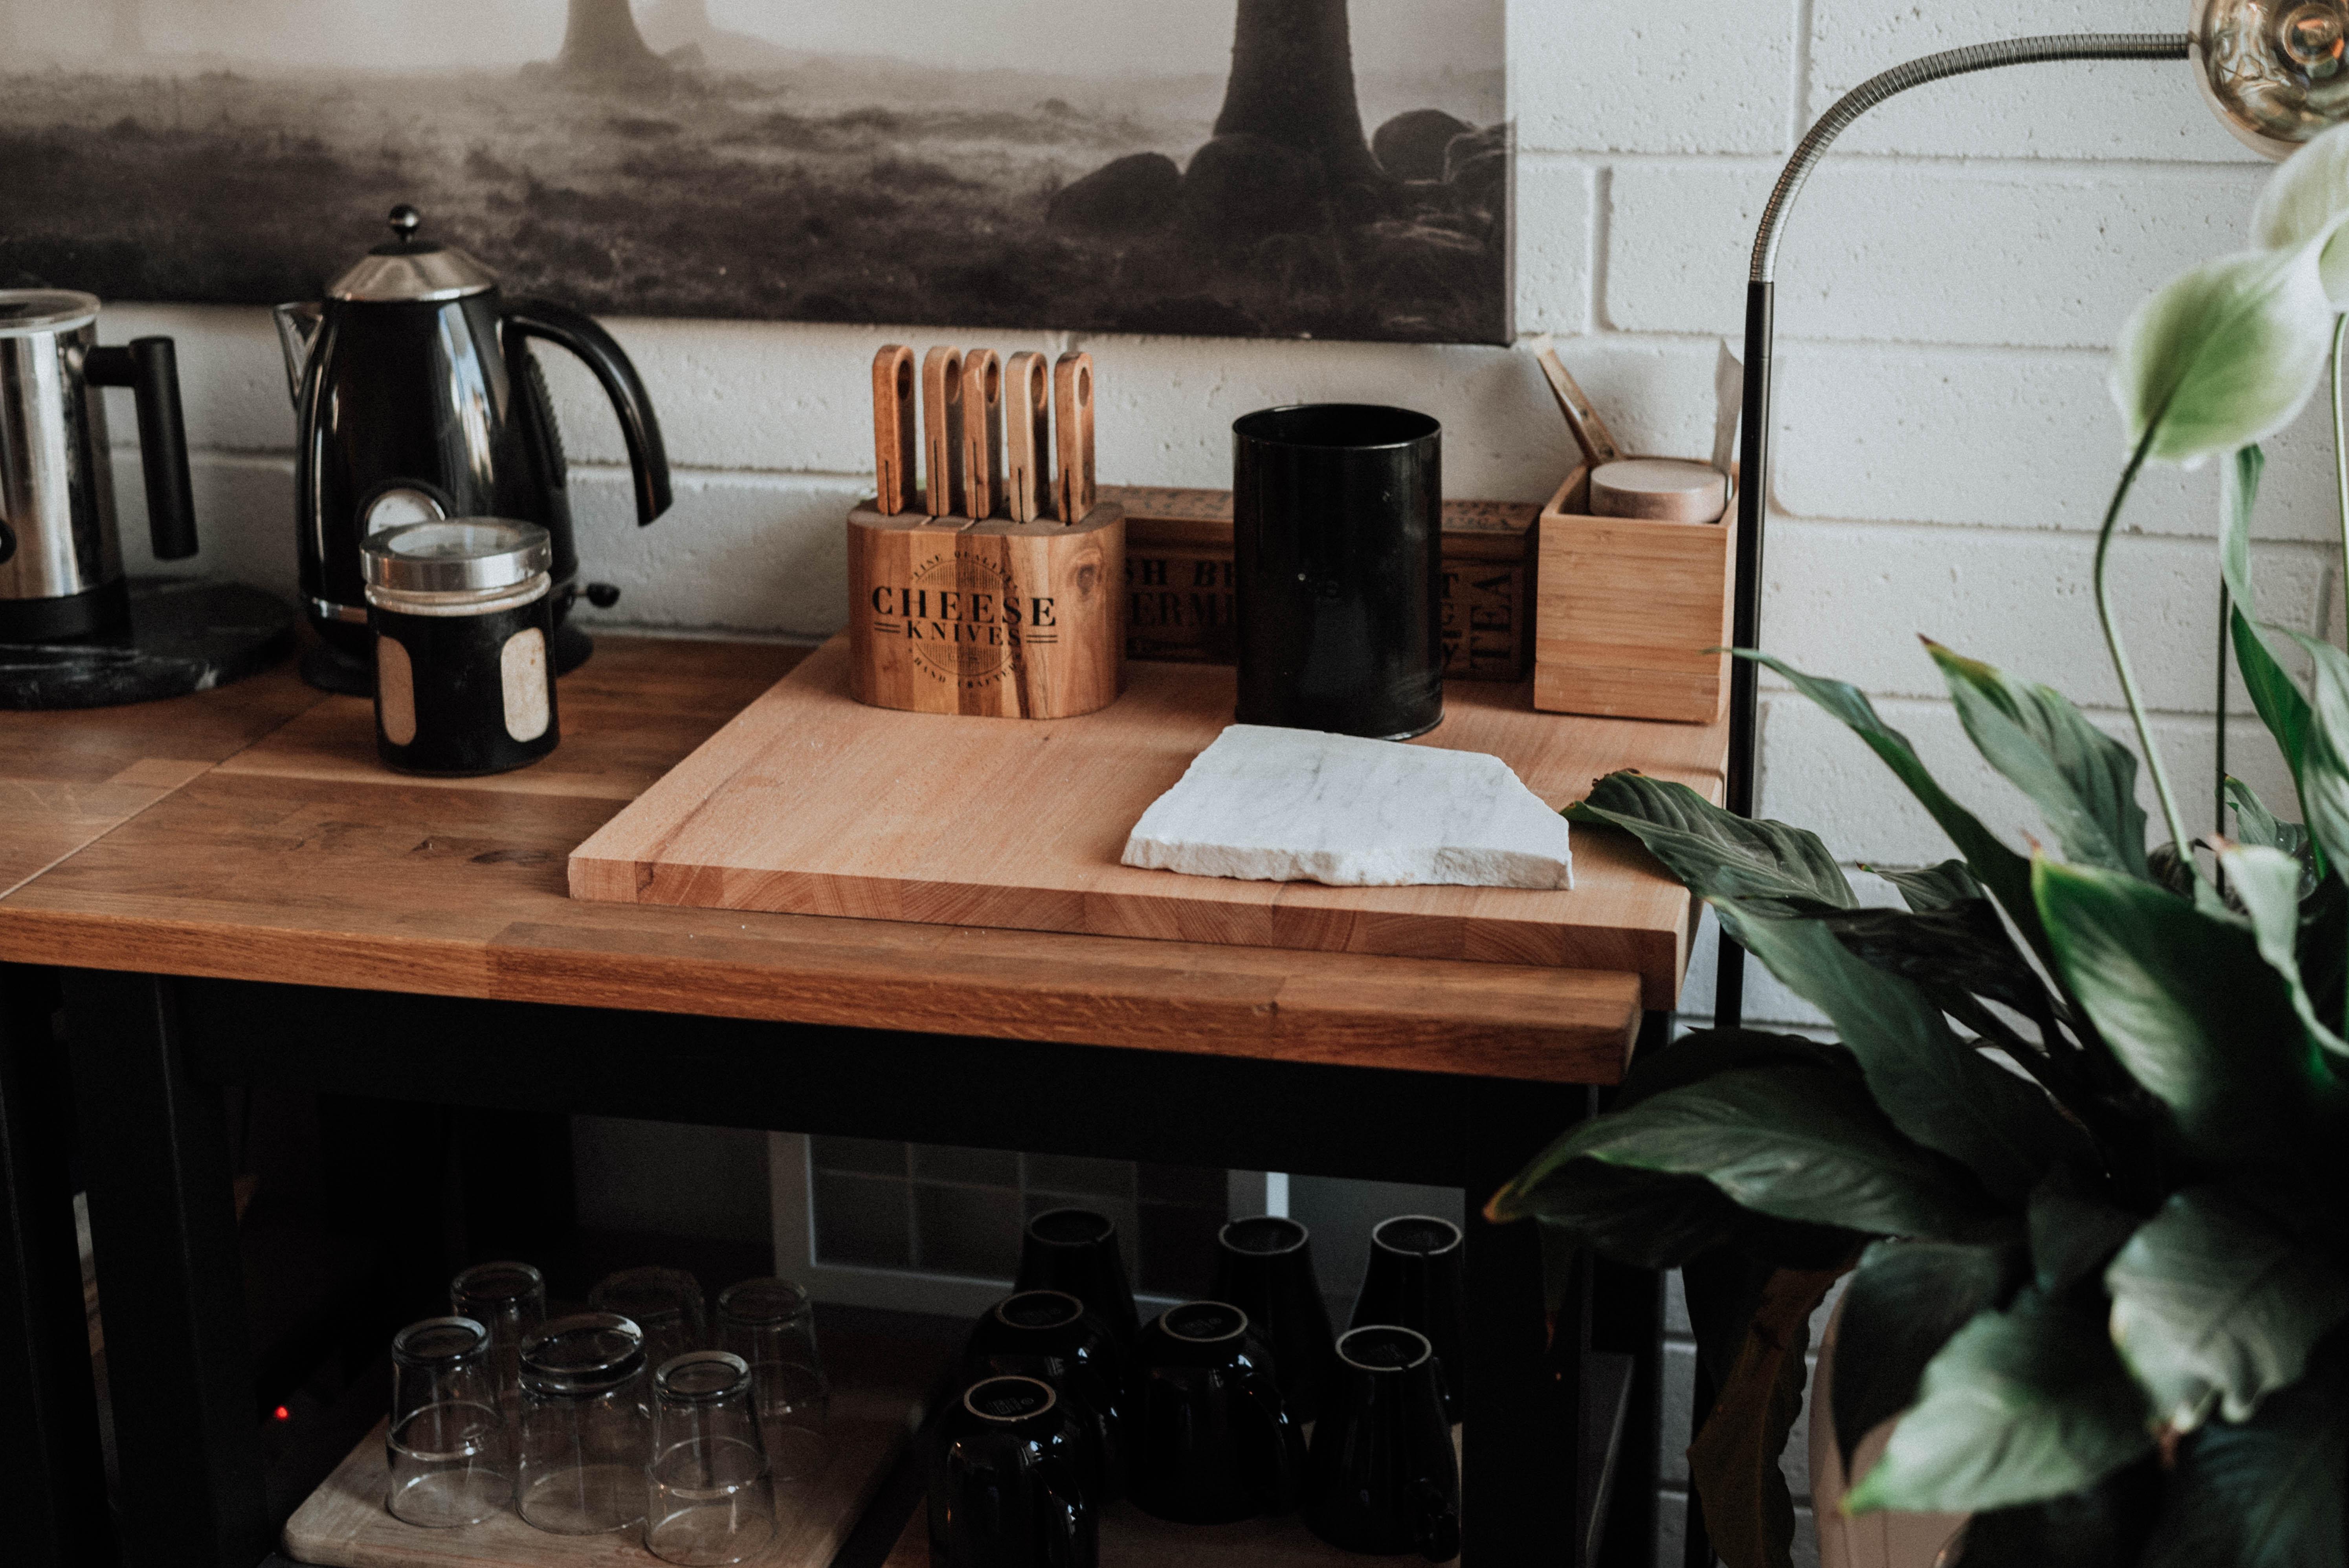 Ryddig kjøkkenbenk med tilbehør, vannkoker, briller og planter